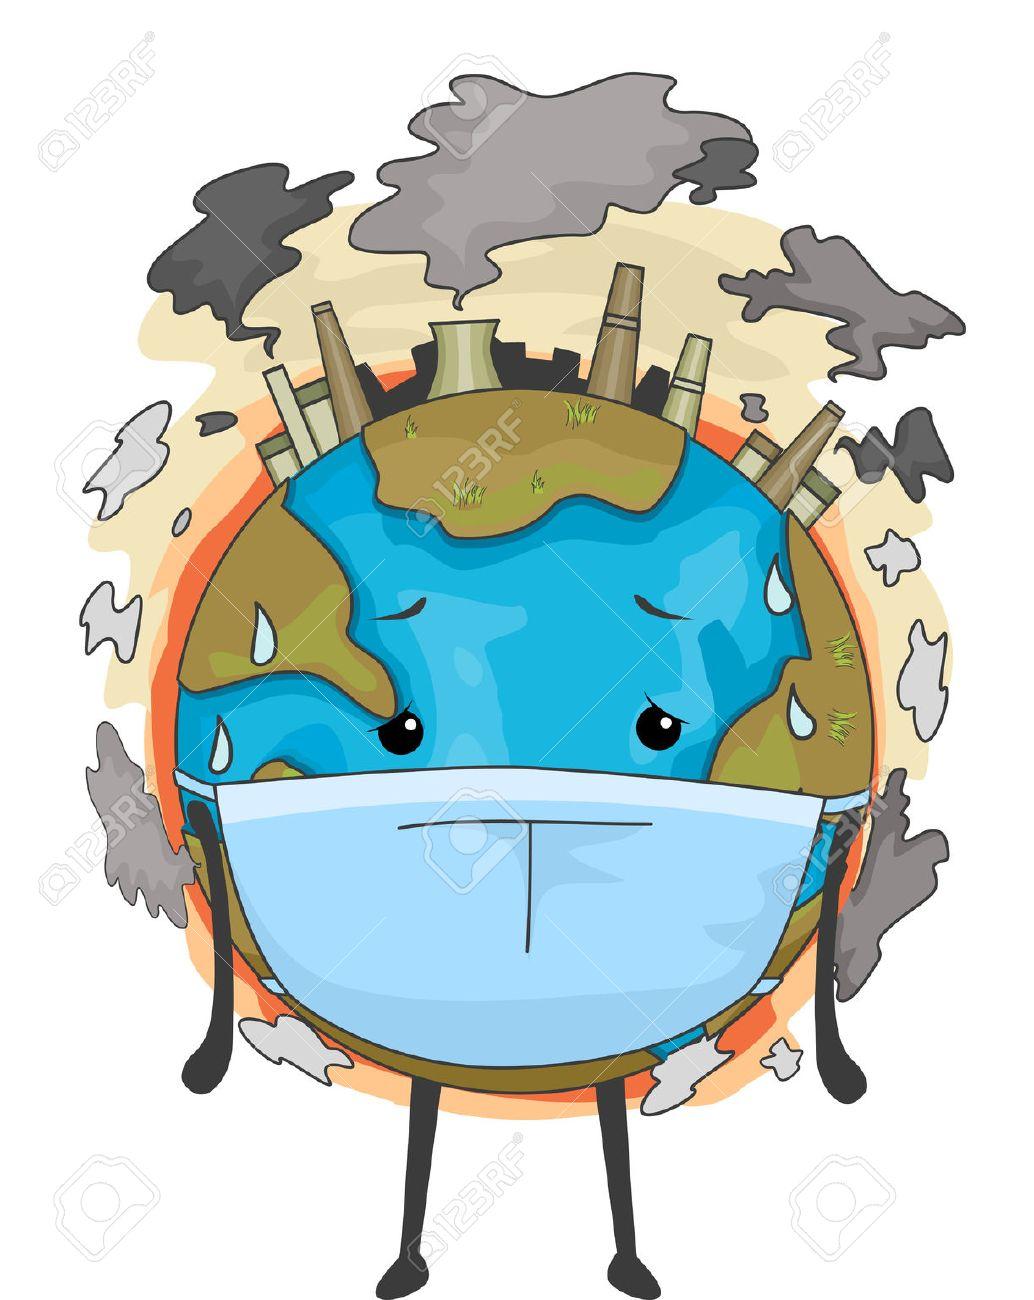 大気汚染に対処するためにサージカル マスクを身に着けている地球の